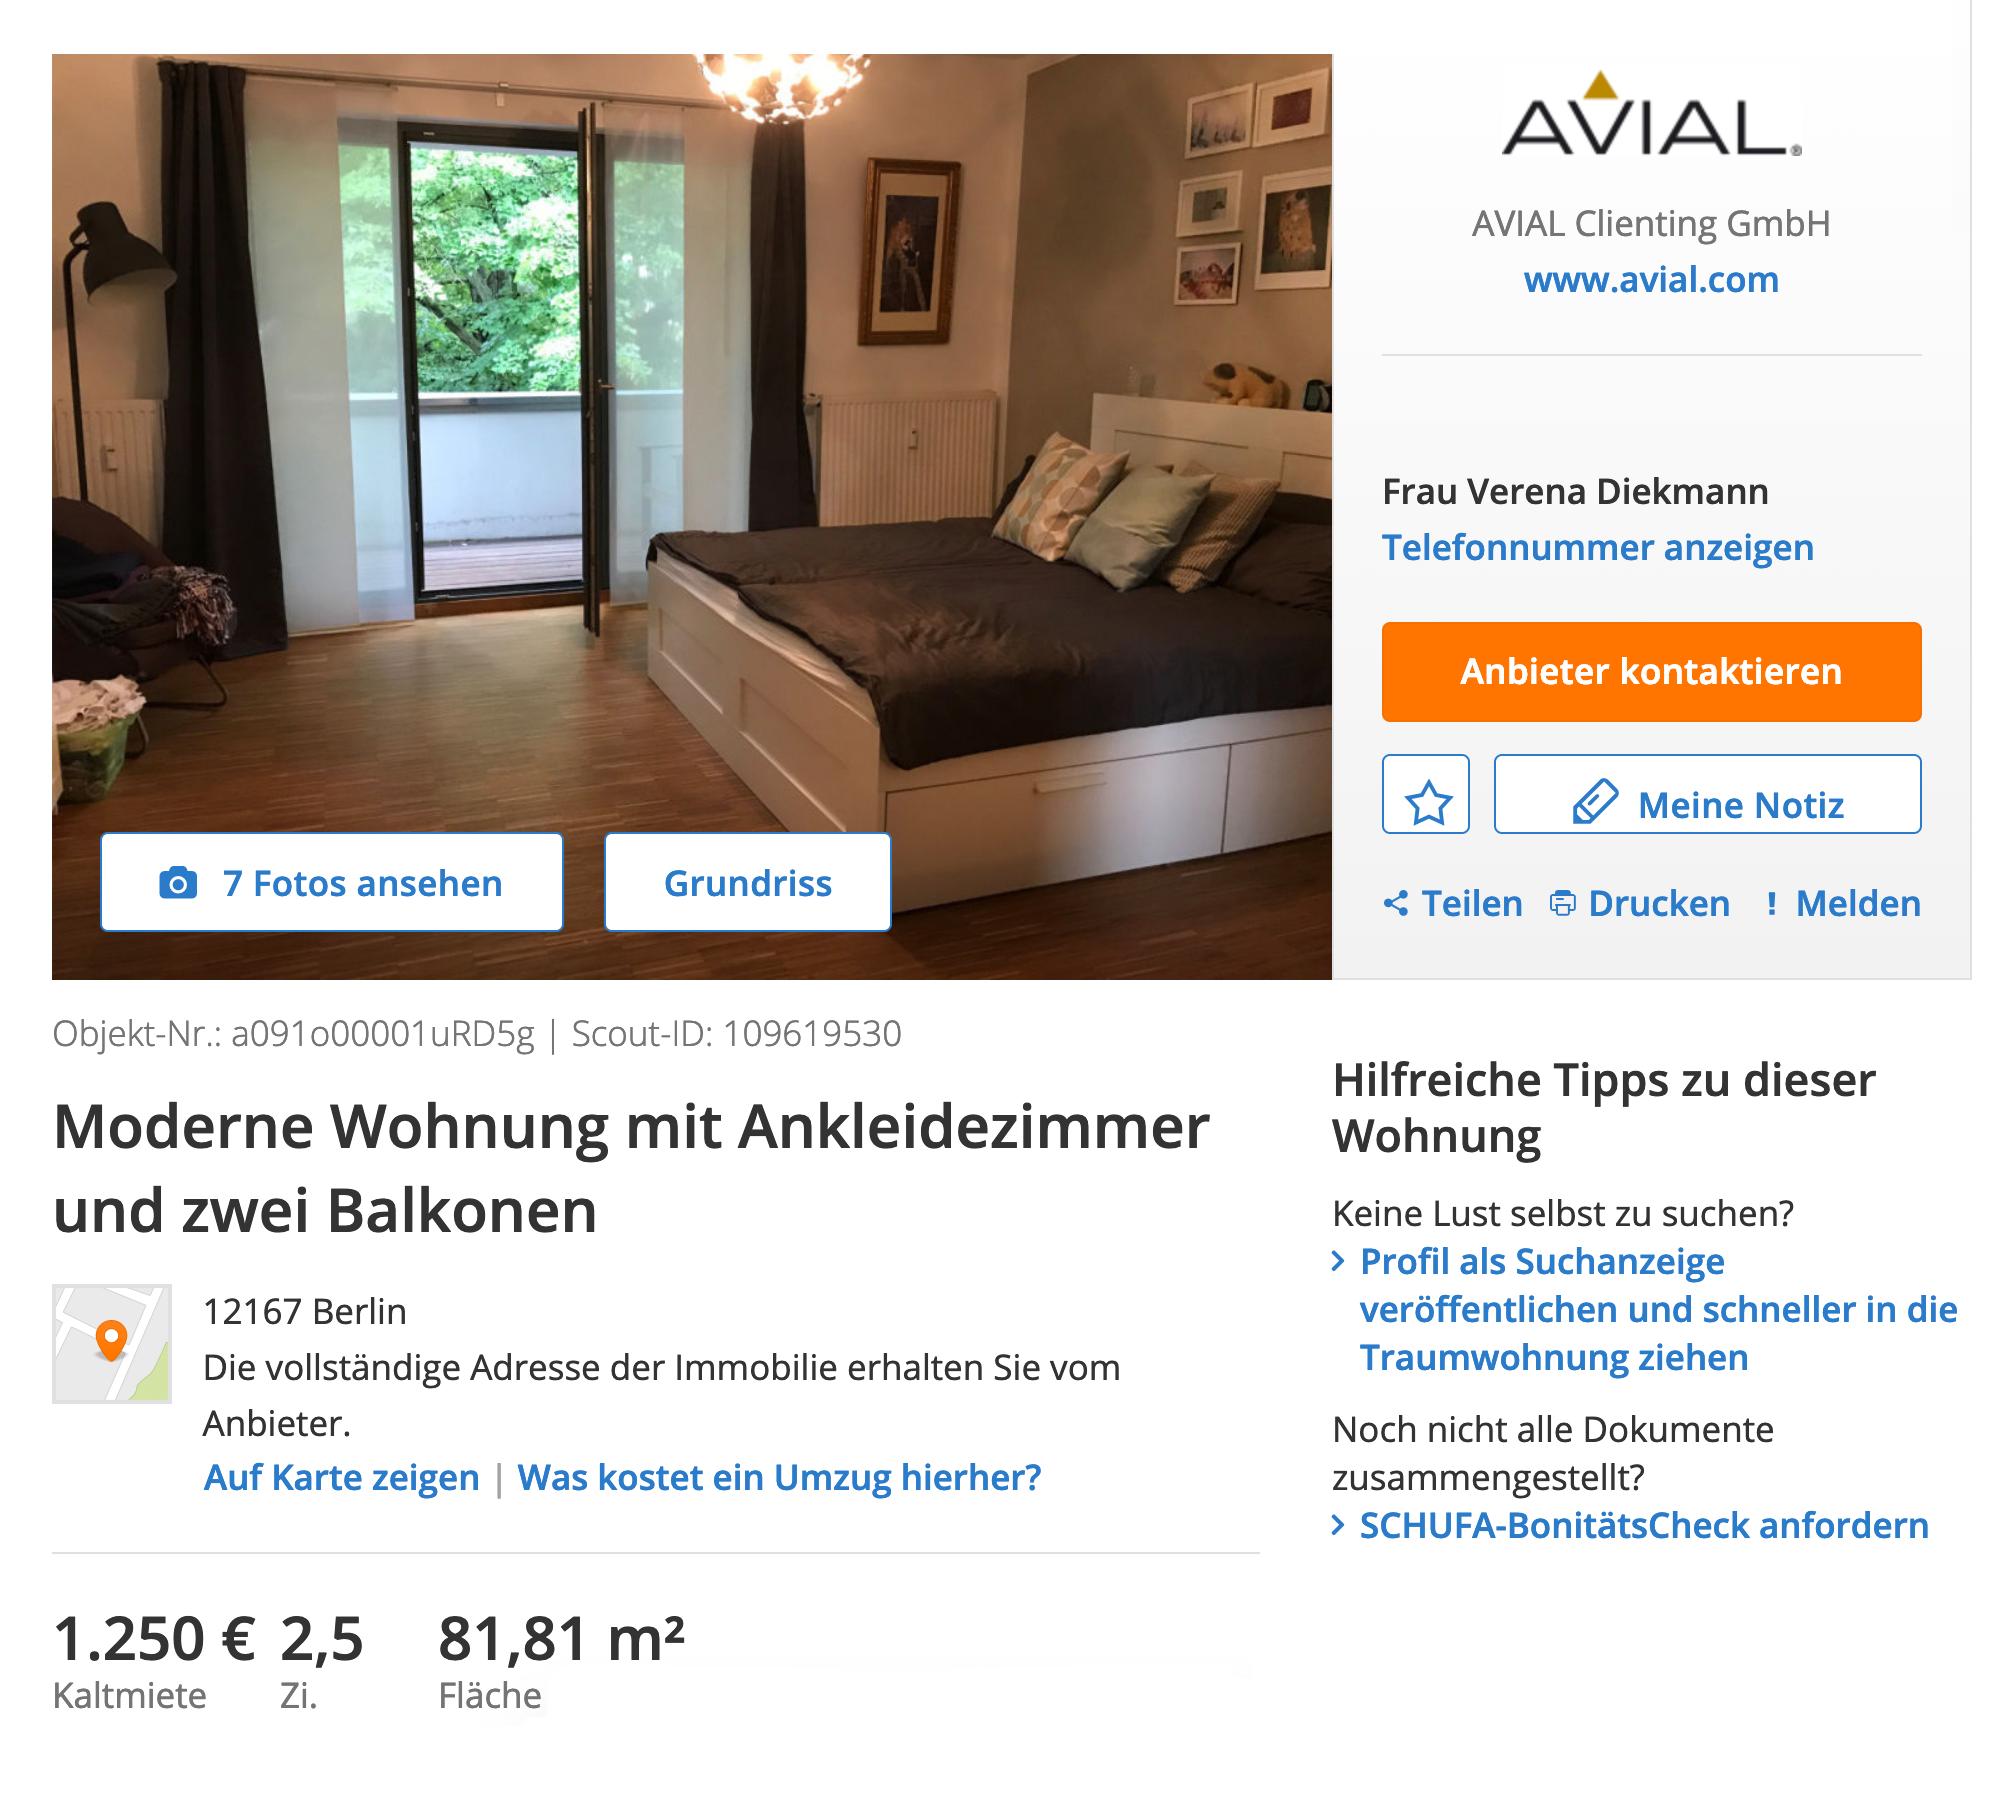 Квартира в отдаленном районе Штеглиц-Целендорф за 1250€ (93 250<span class=ruble>Р</span>) в месяц